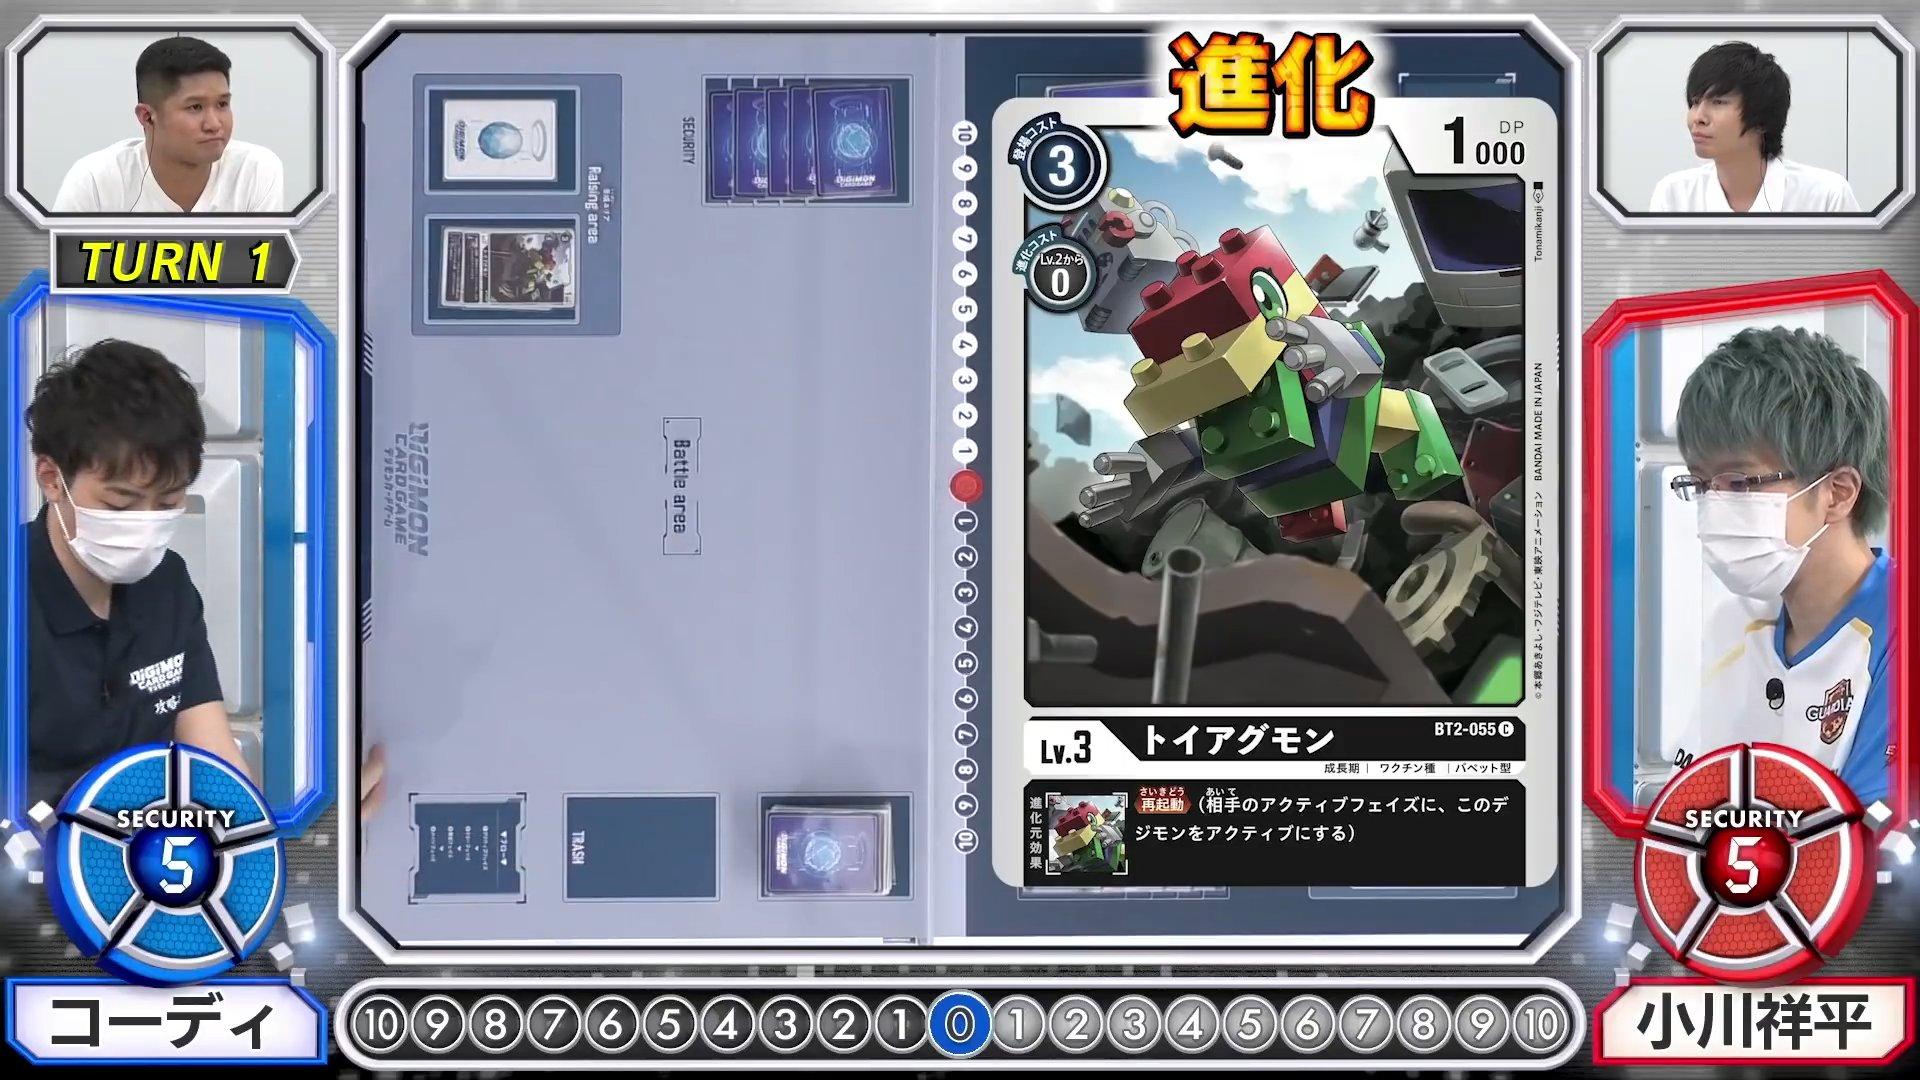 cardgamebattle9_3_july9_2020.jpg